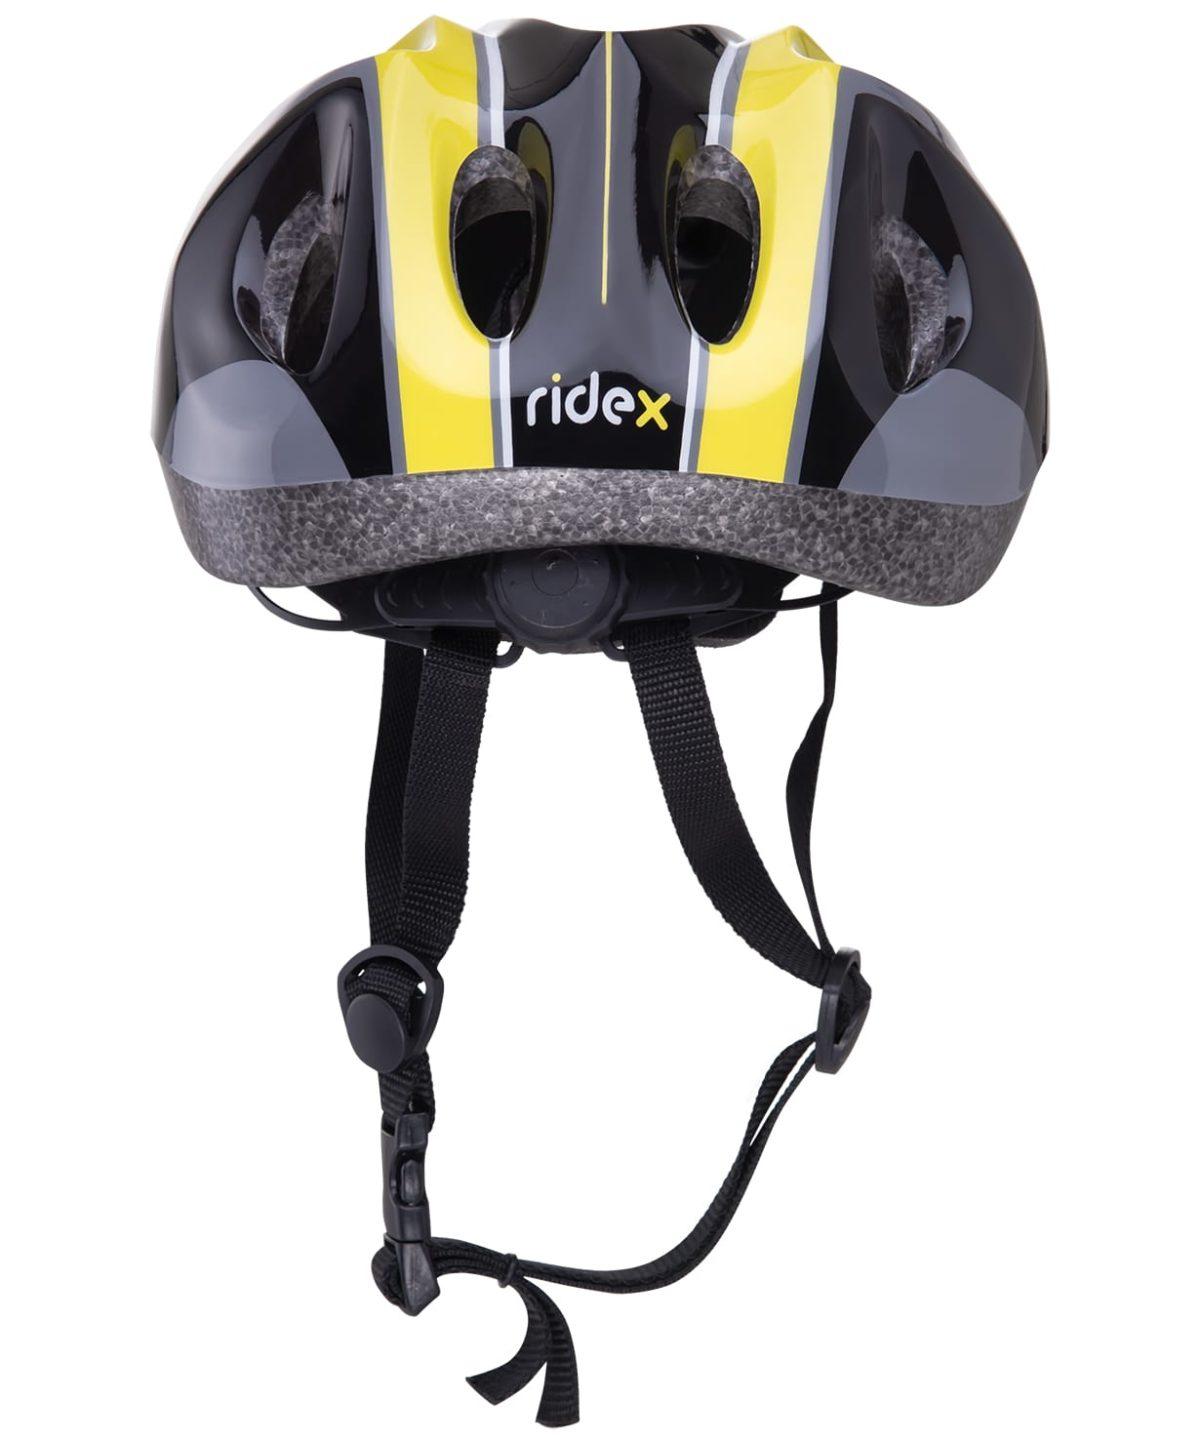 RIDEX Шлем защитный Enyy: жёлтый - 1